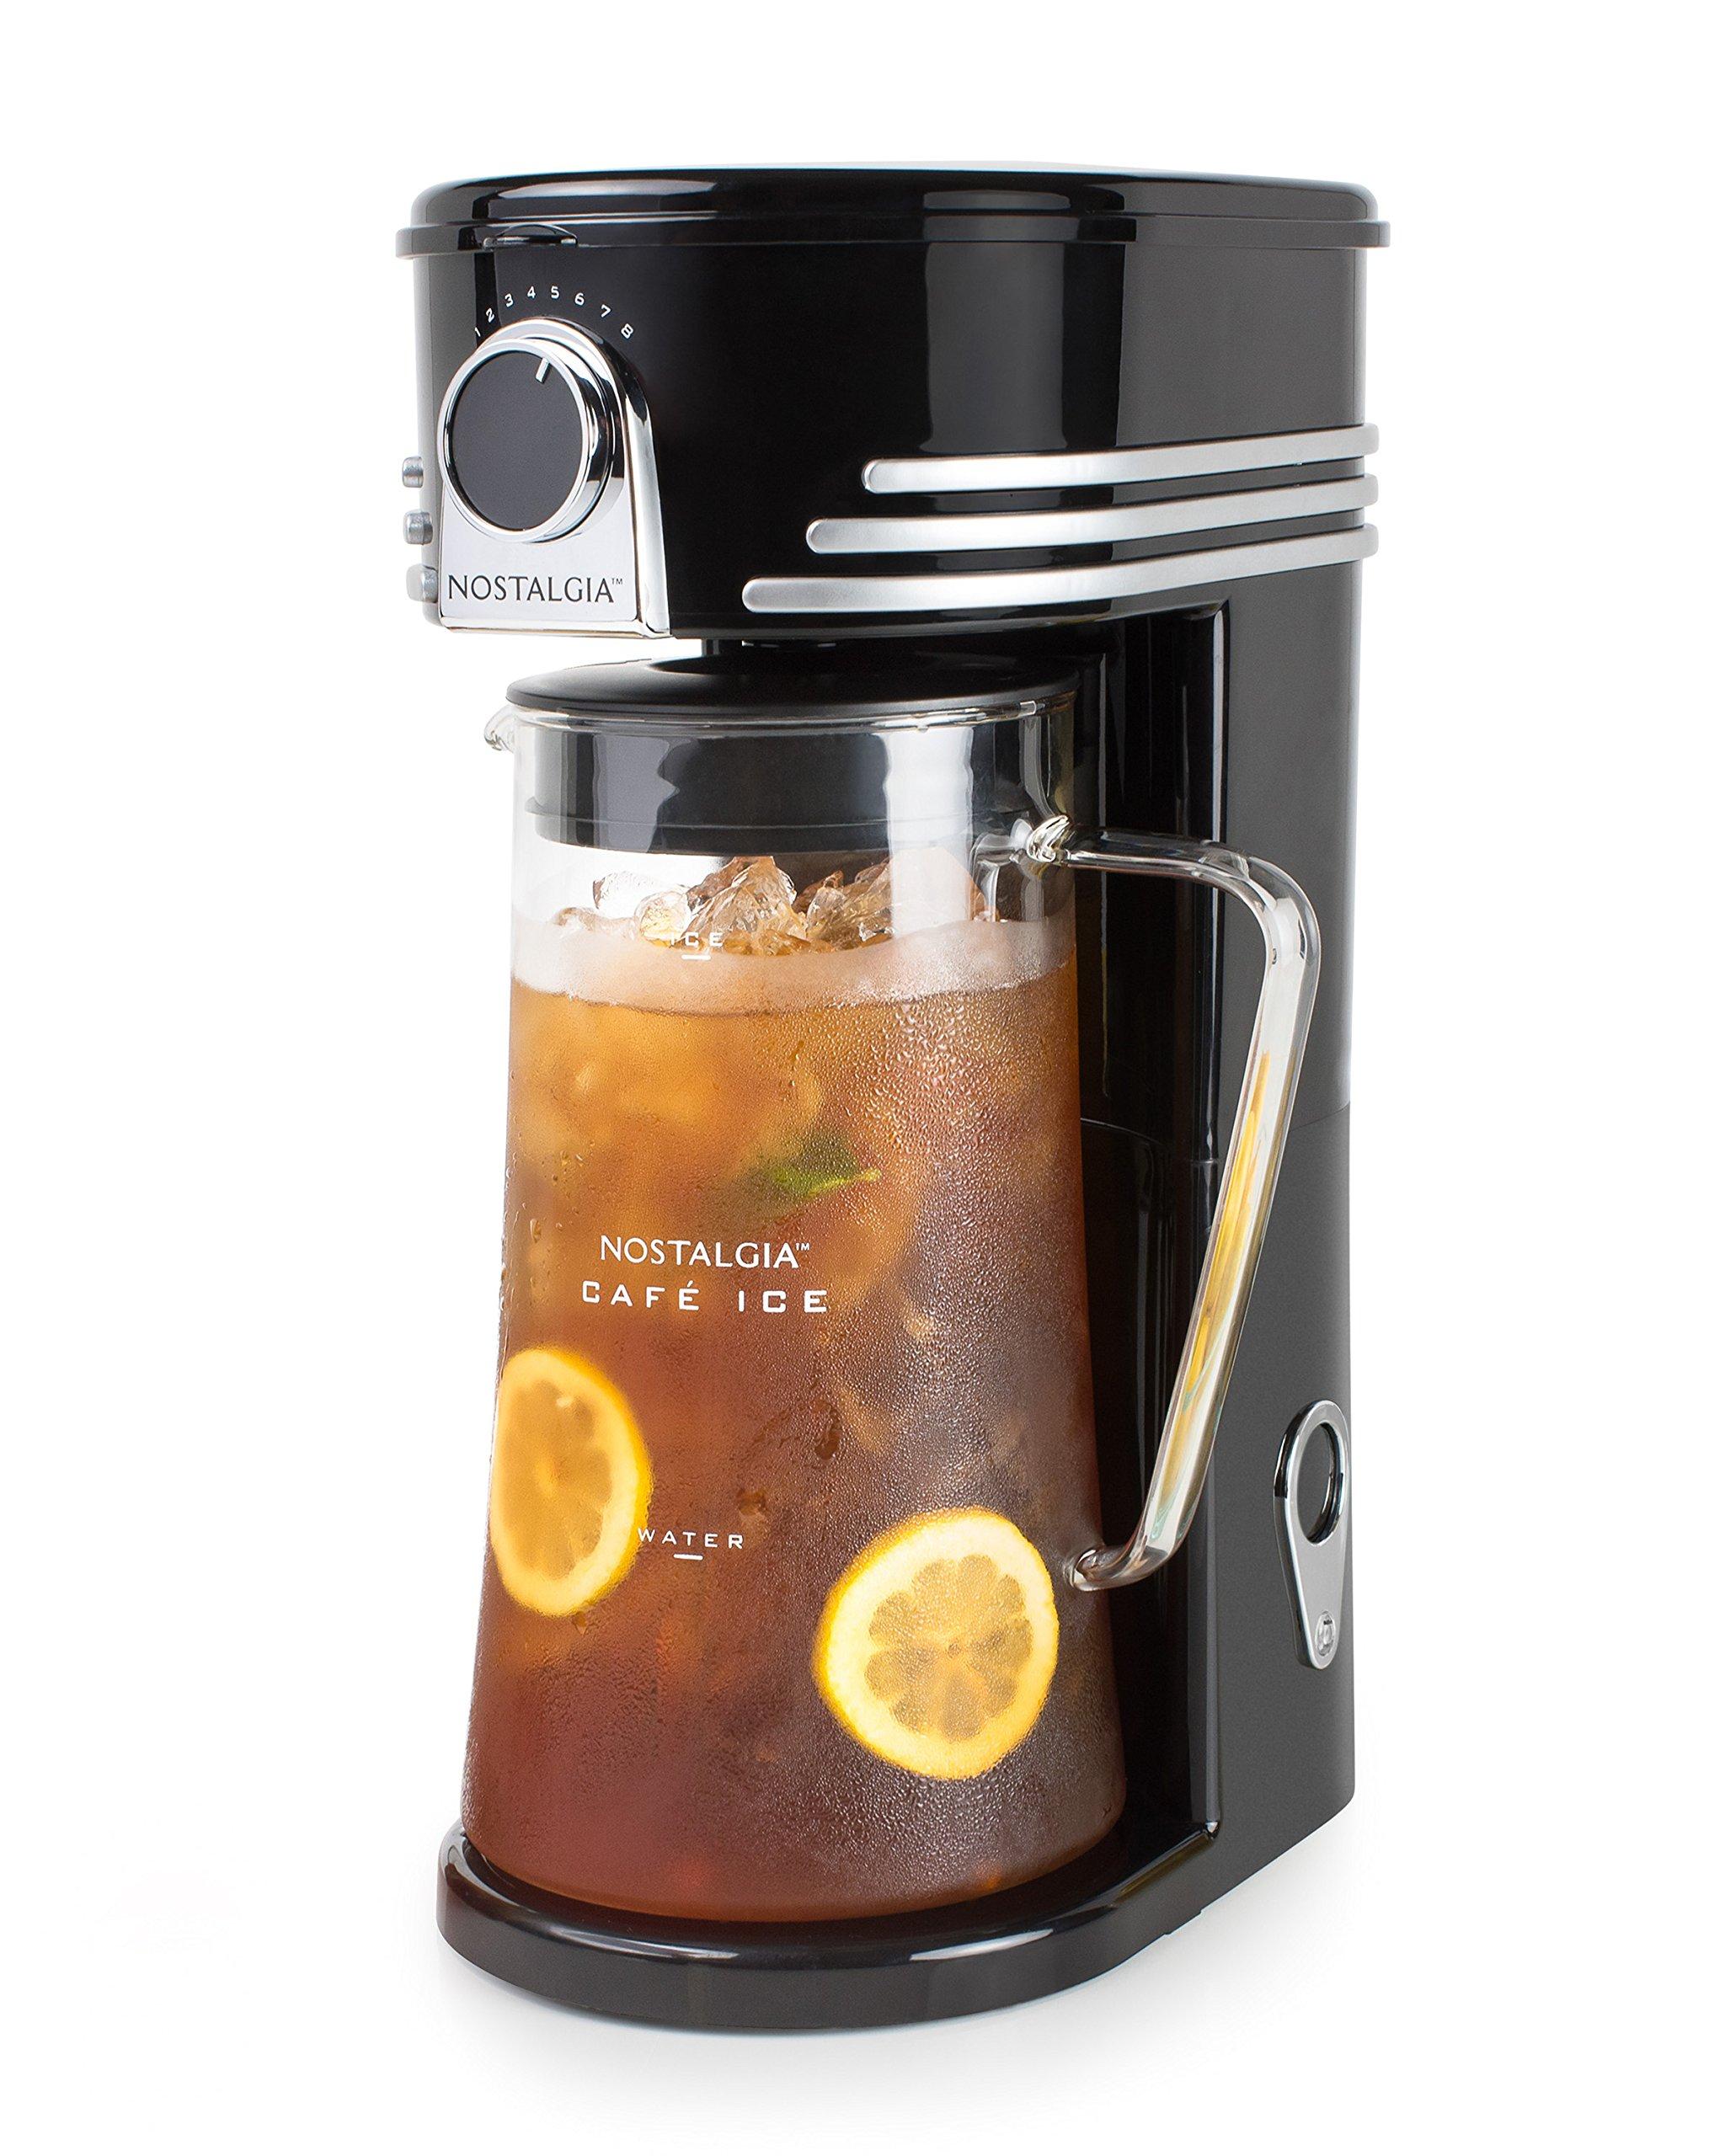 Nostalgia CI3BK Café Ice 3-Quart Iced Coffee & Tea Brewing System by Nostalgia (Image #1)